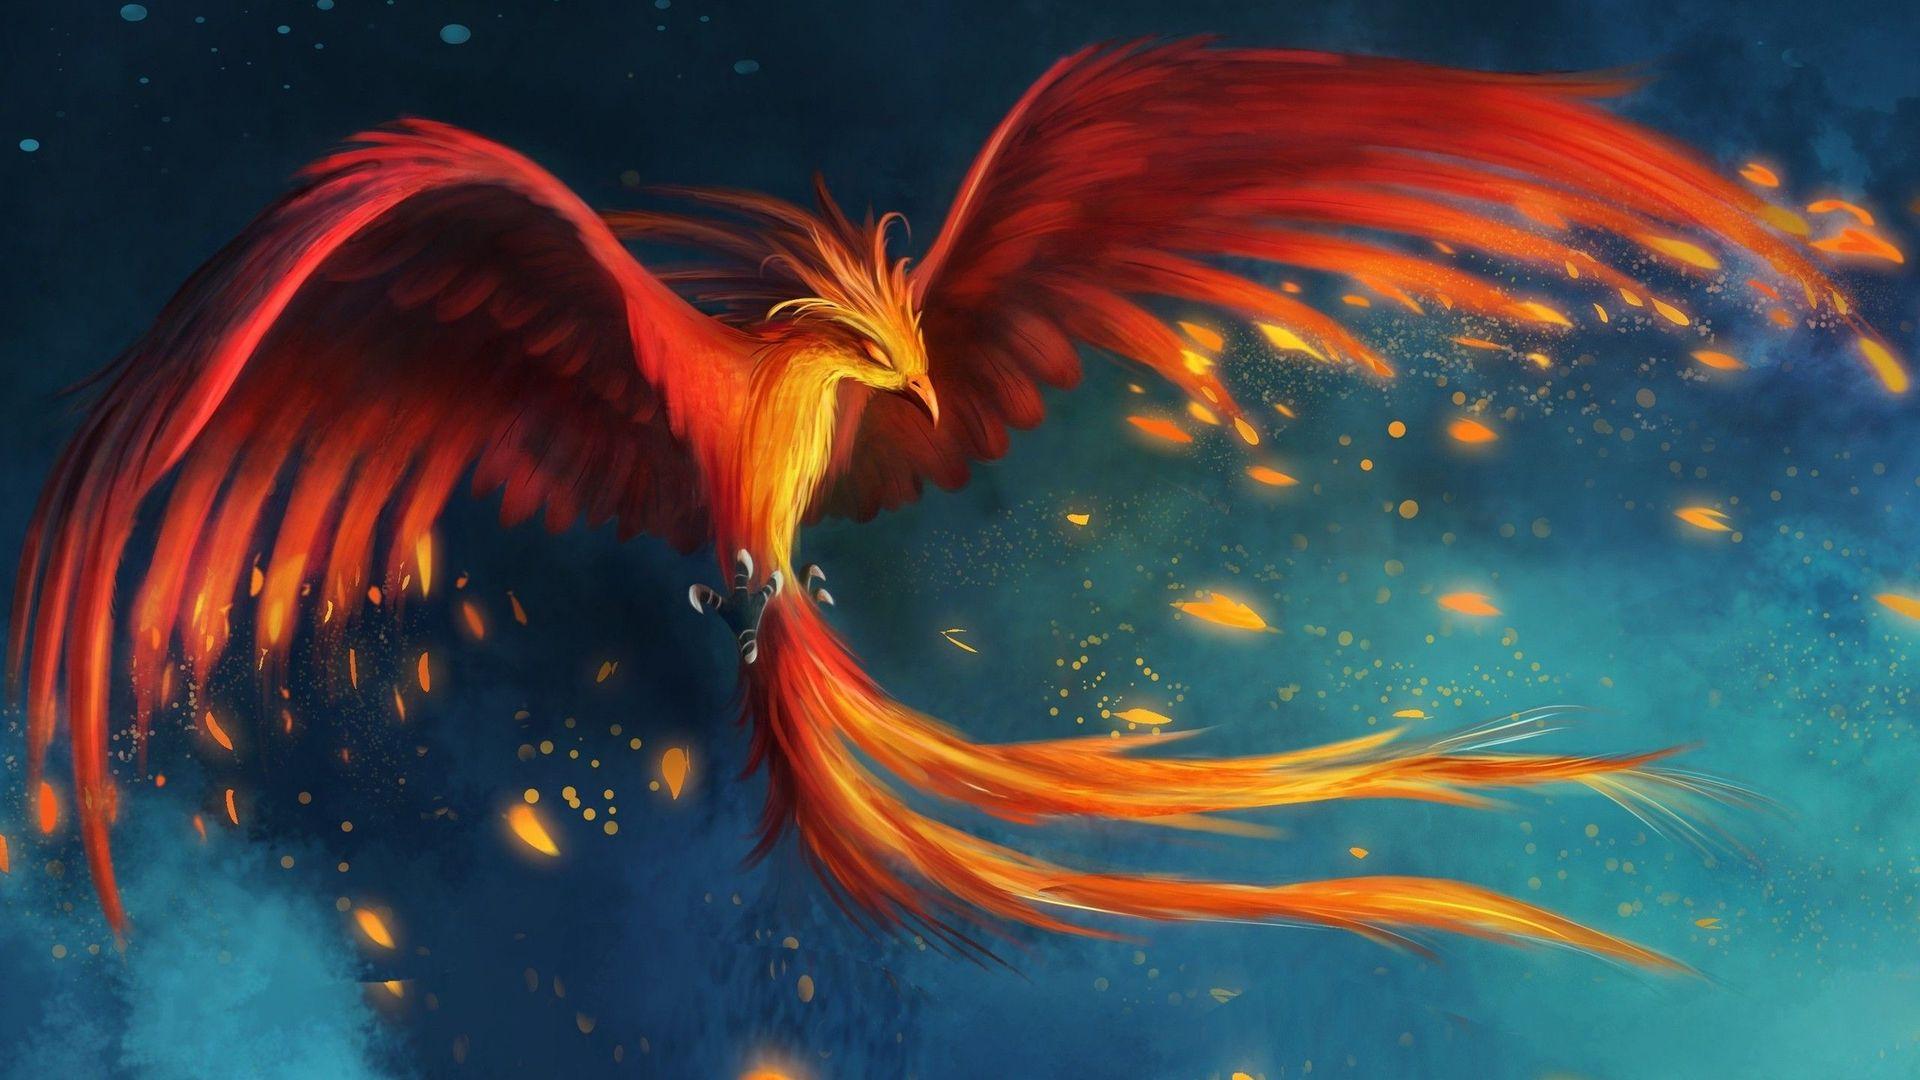 Fantasy Phoenix Wallpaper 2 Hd Wallpaper   Hivewallpapercom 1920x1080